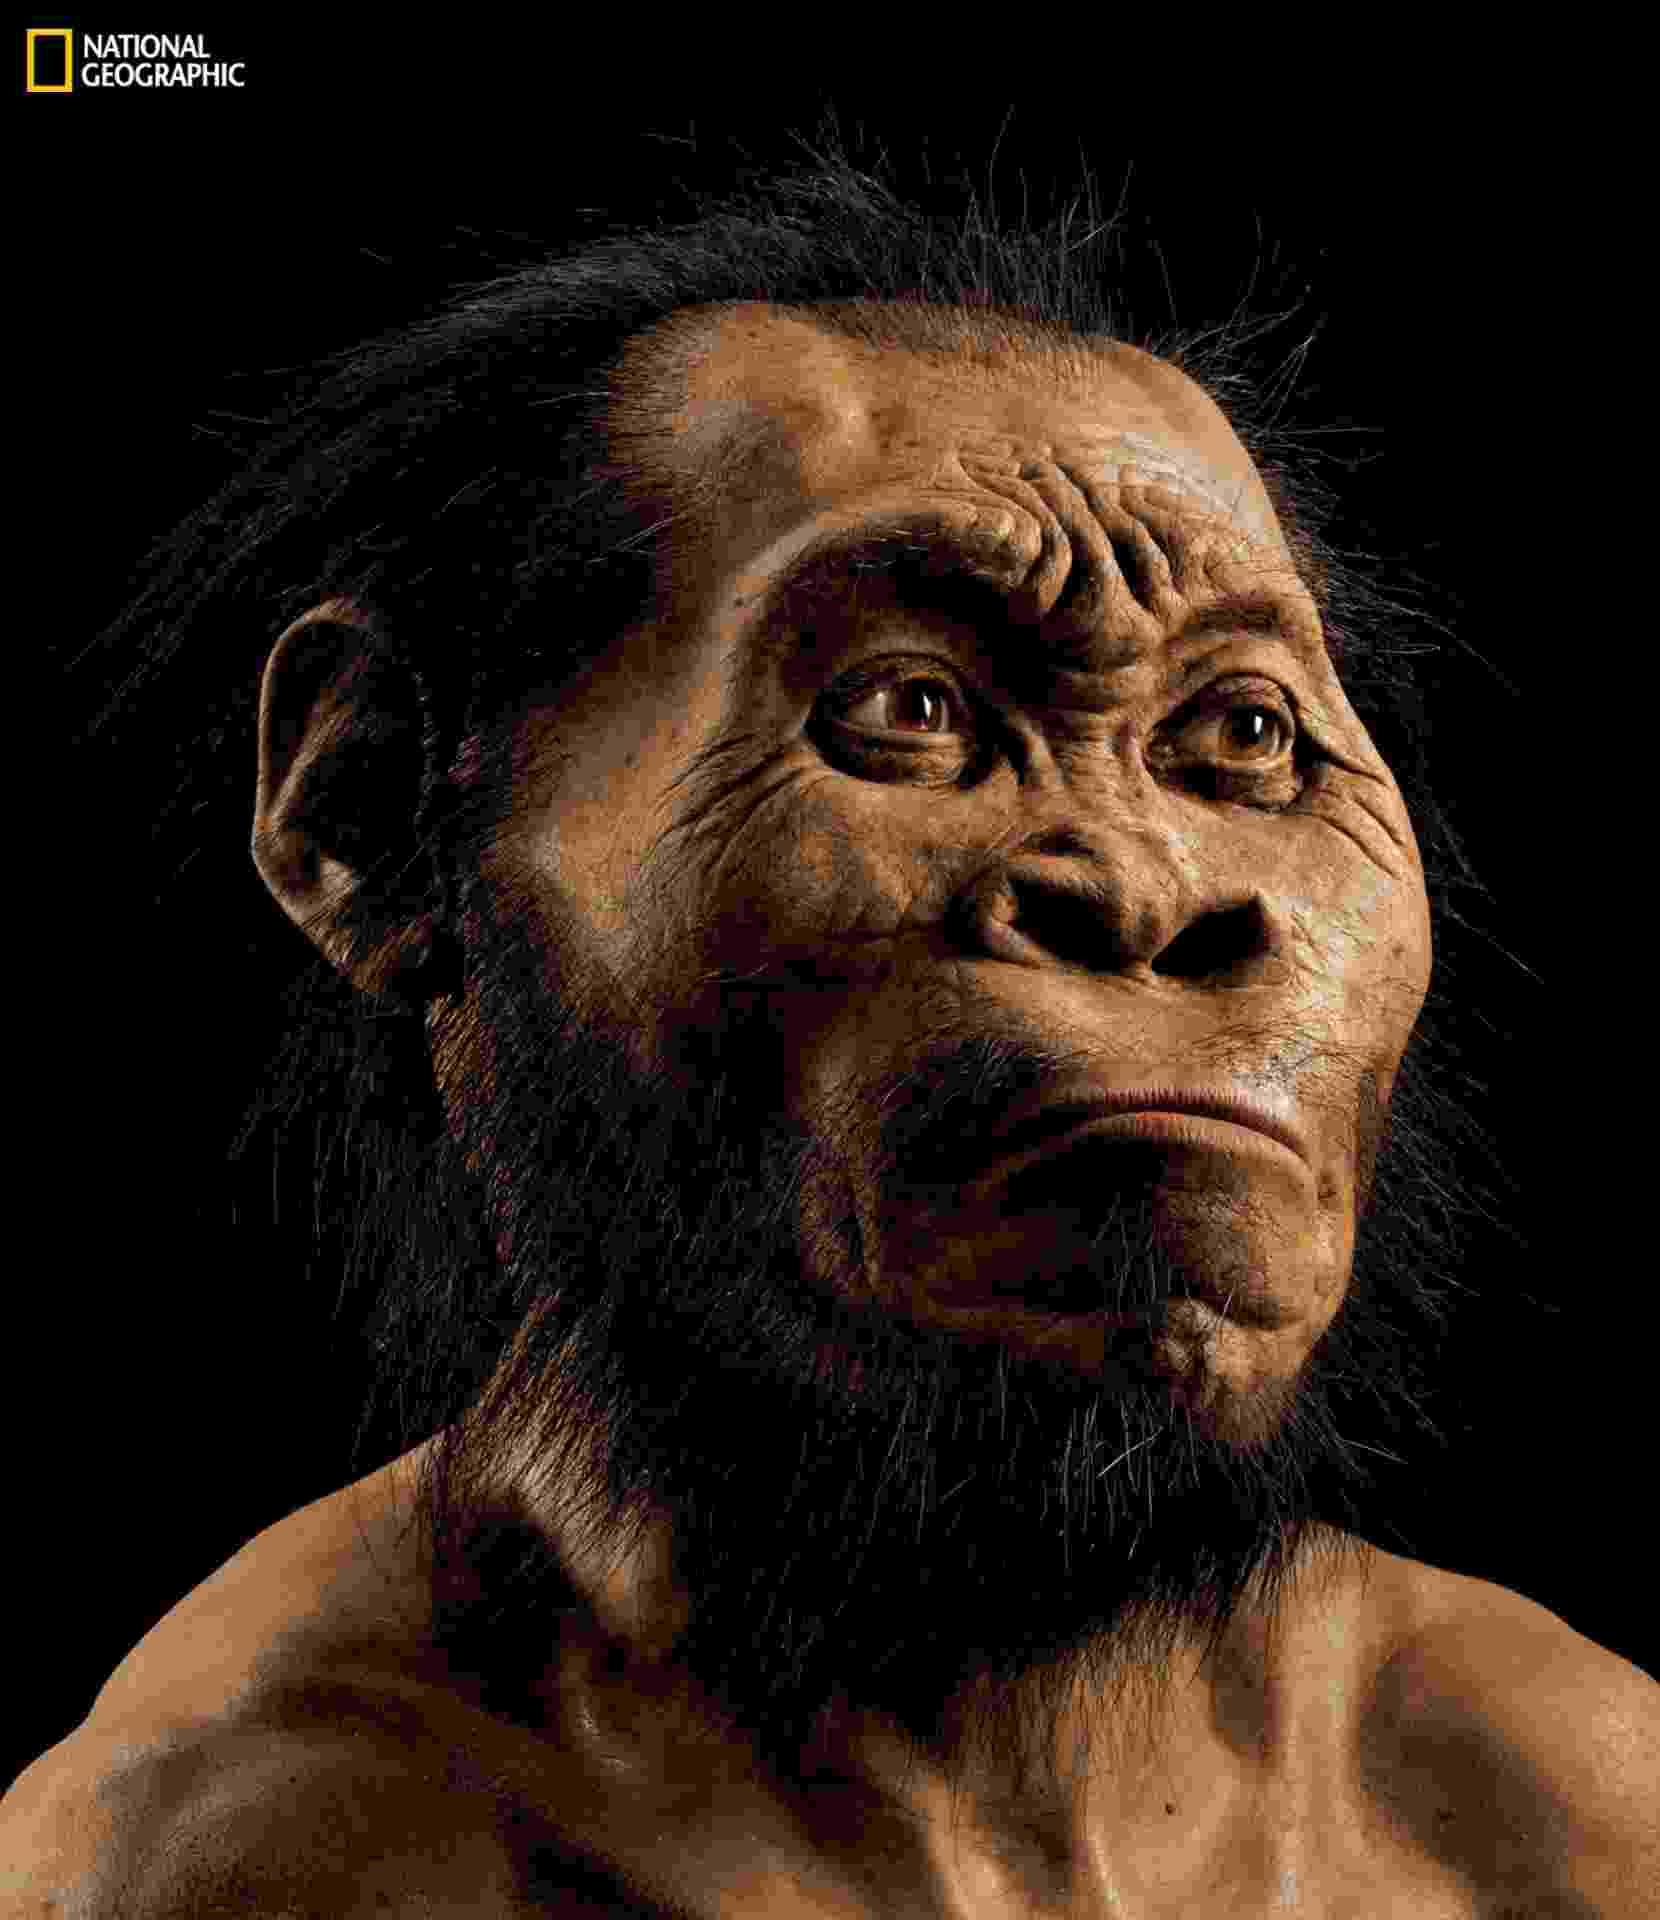 10.set.2015 - Uma antiga espécie do gênero humano desconhecida até agora foi descoberta em uma caverna da África do Sul, onde foram exumados os ossos de 15 hominídeos, anunciou nesta quinta-feira uma equipe internacional de cientistas. A nova espécia foi batizada de 'Homo Naledi' e classificada dentro do gênero Homo, ao qual pertence o homem moderno - Mark Thiessen/National Geographic